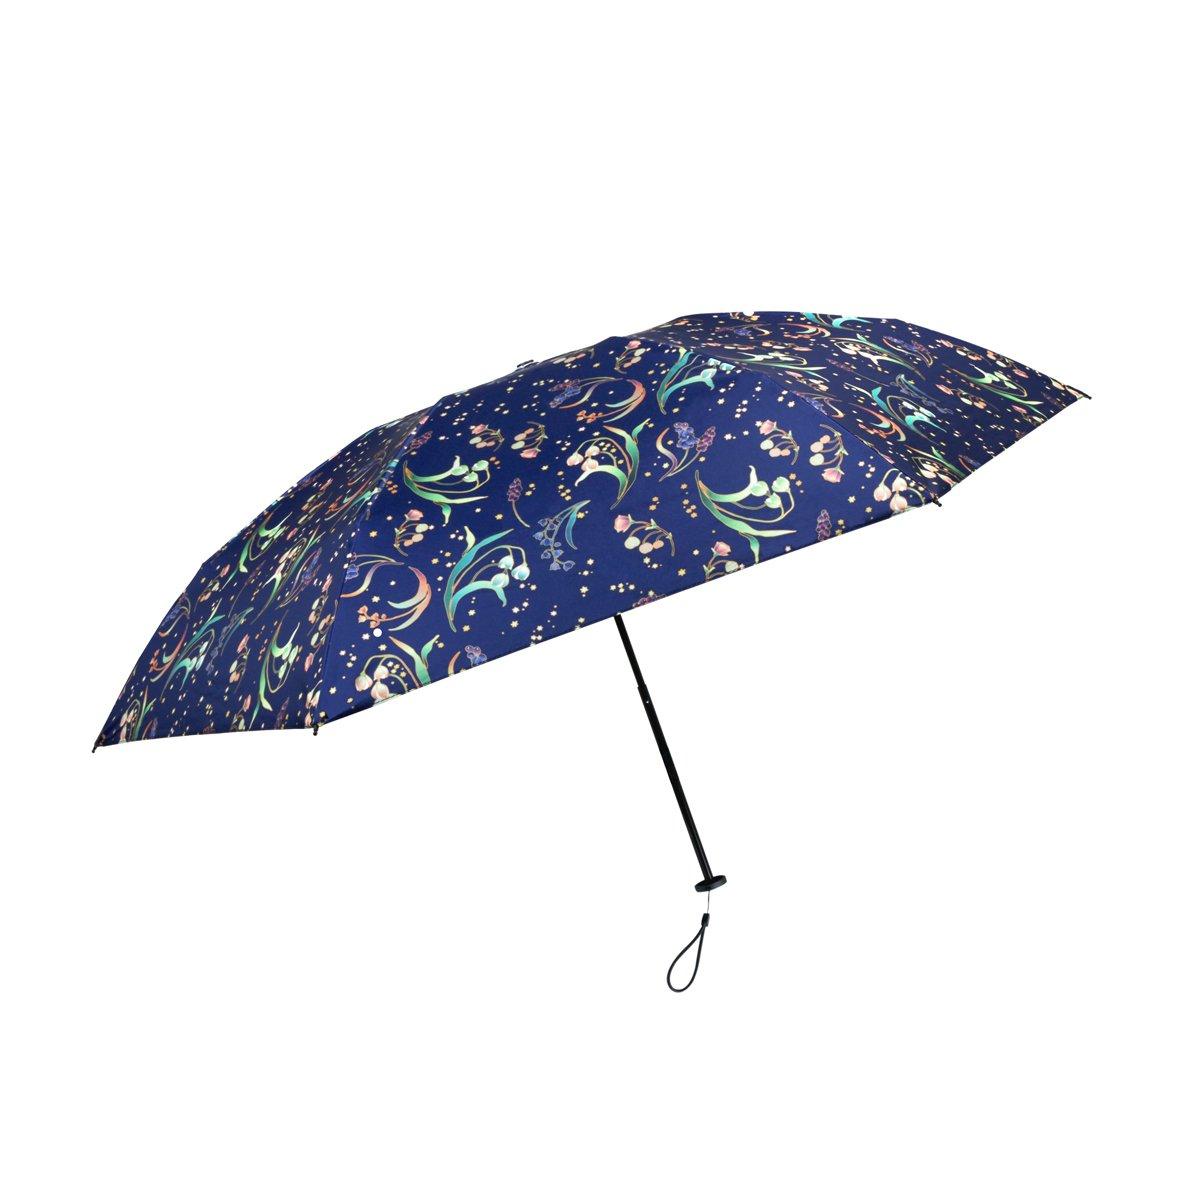 【CARRY Umbrella Moose】完美なる折り畳み傘 晴雨兼用 UVカット99.9% 遮光率100% 遮熱効果 耐水度2000 おしゃれ 晴雨兼用 折りたたみ傘 軽量150g カーボンファイバー 吸水ケース付き (夜空のカンパニュラ) B074WNRW71